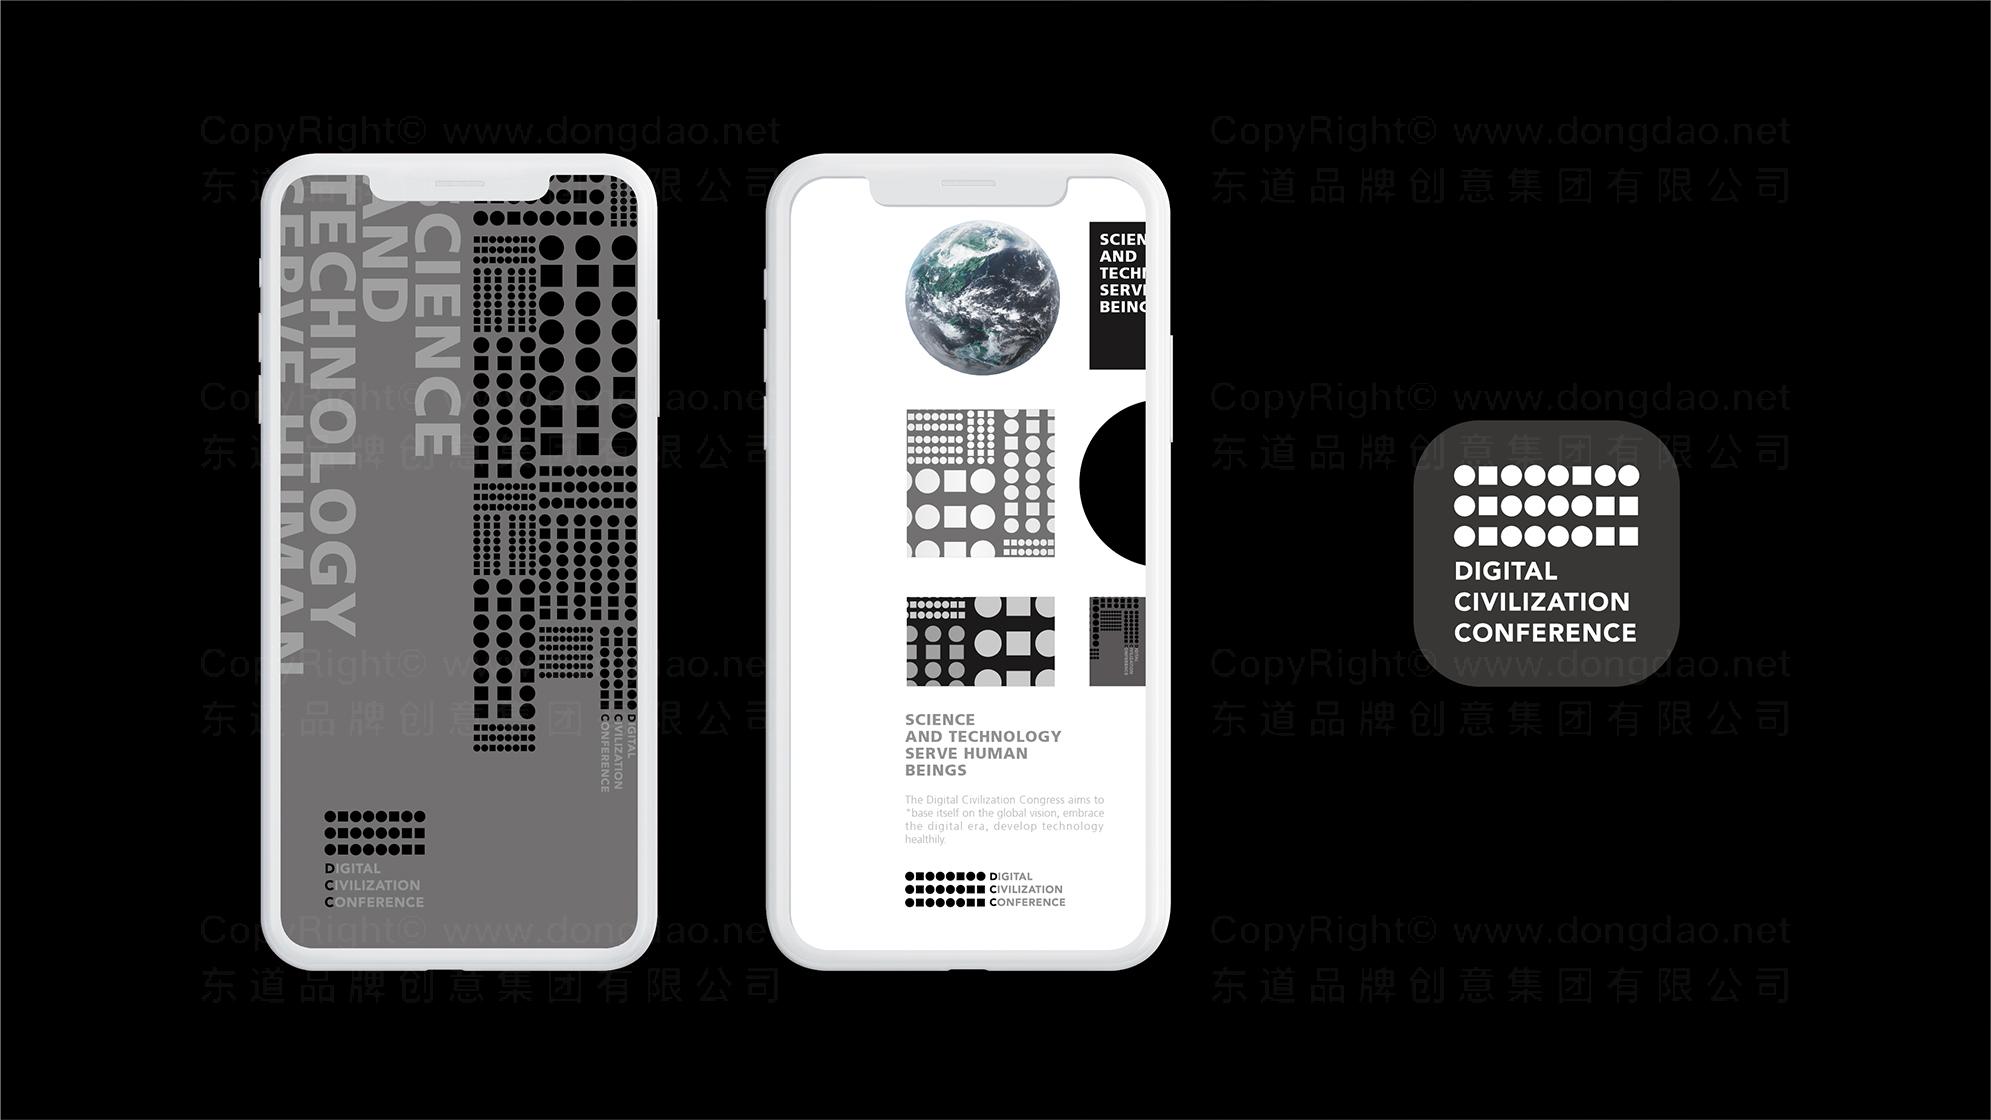 品牌设计数字文明大会标志设计应用场景_12